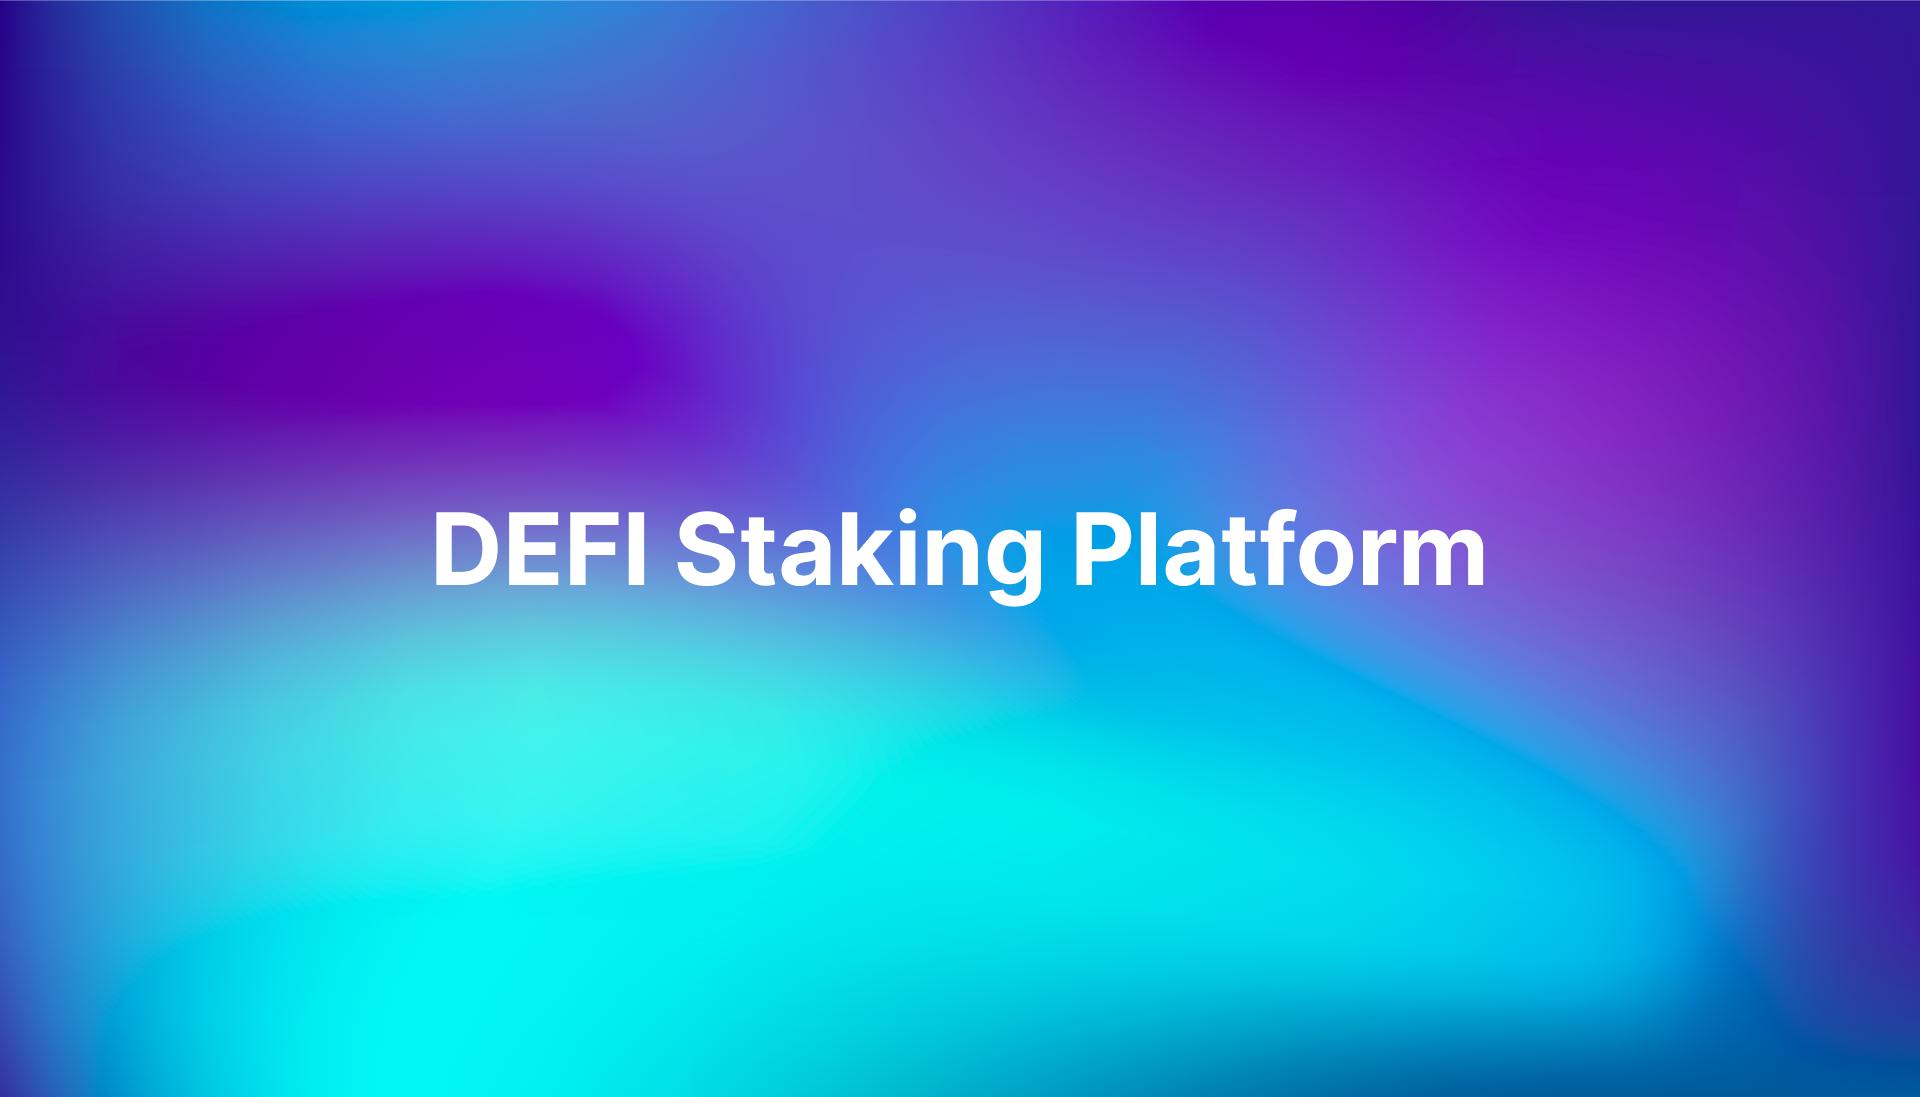 DEFI Staking Platform